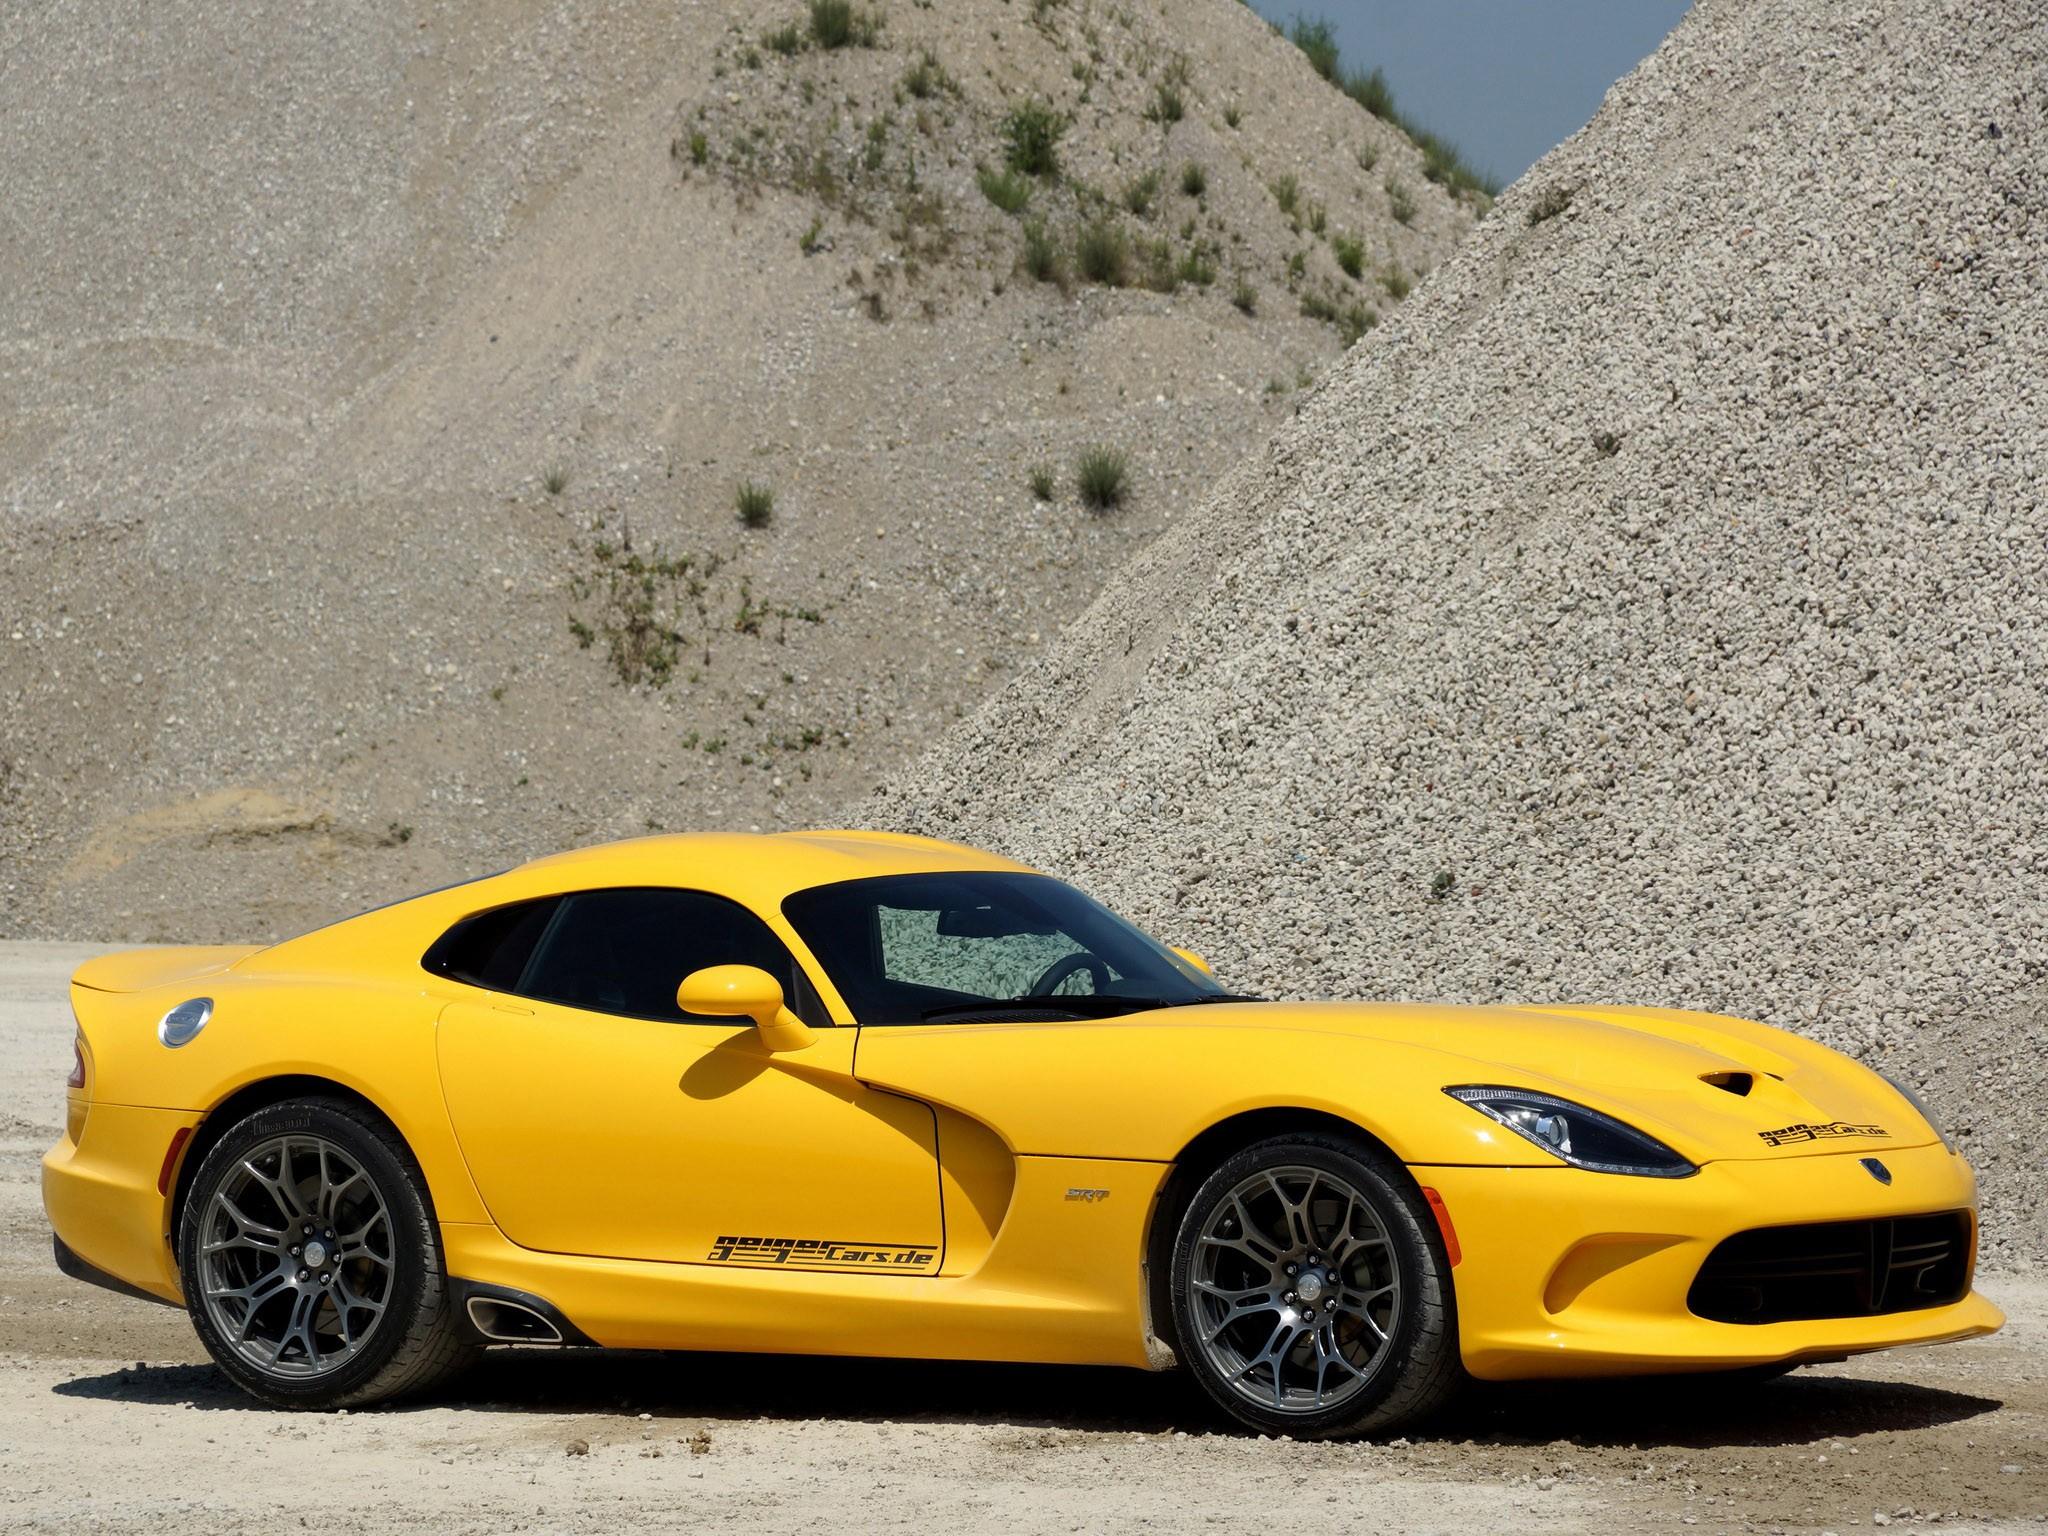 2013 Geigercars - SRT Dodge Viper